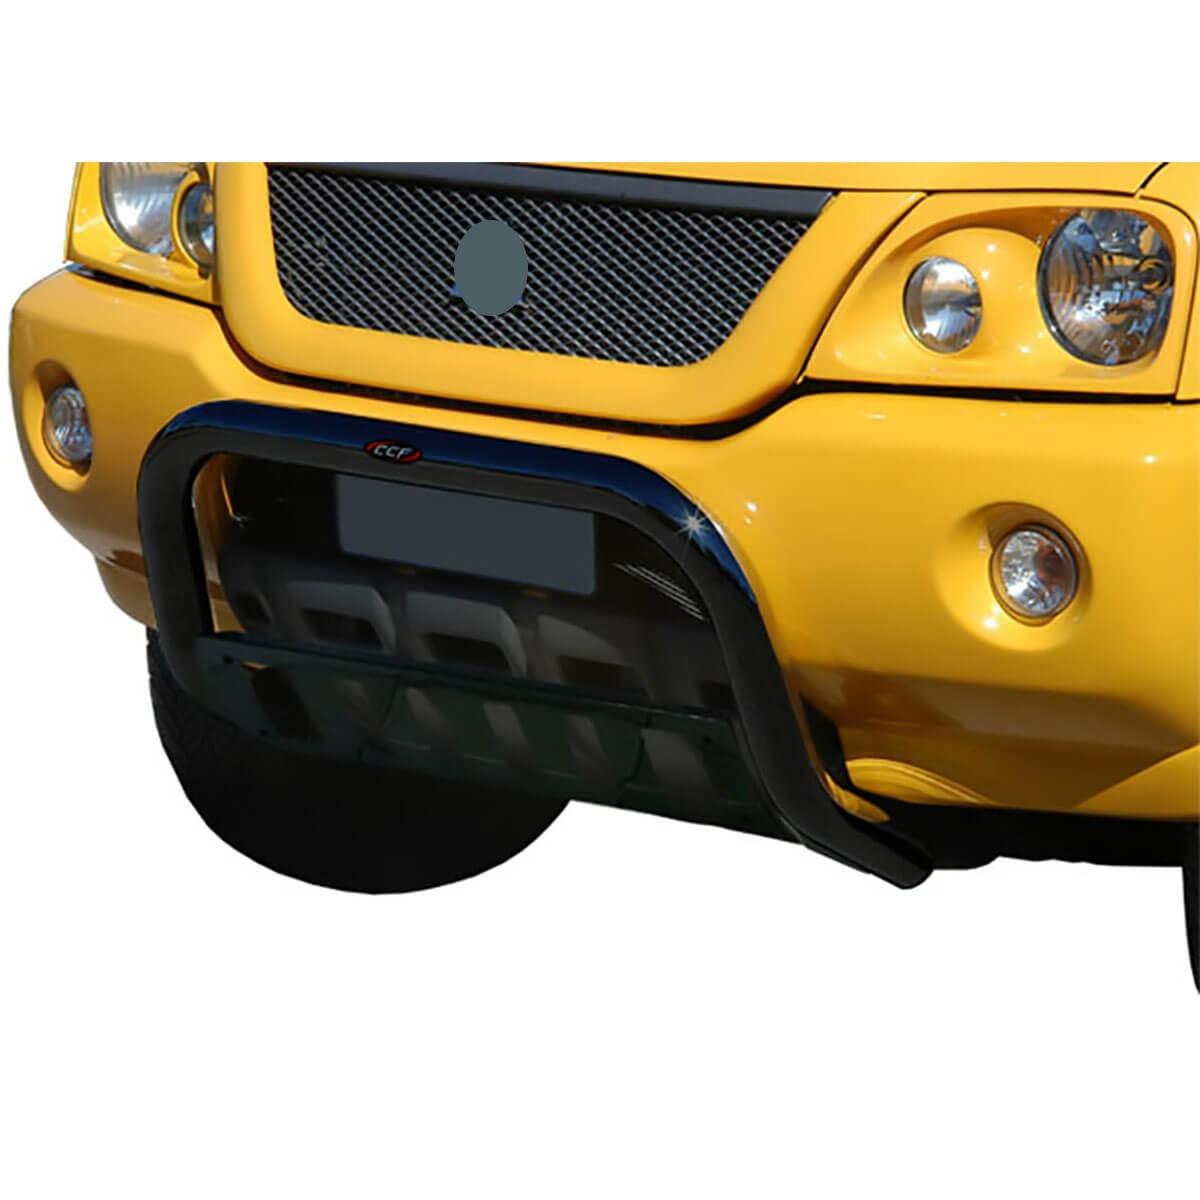 Parachoque impulsão quebra mato preto L200 Sport 2004 a 2007 ou L200 Outdoor 2007 a 2012